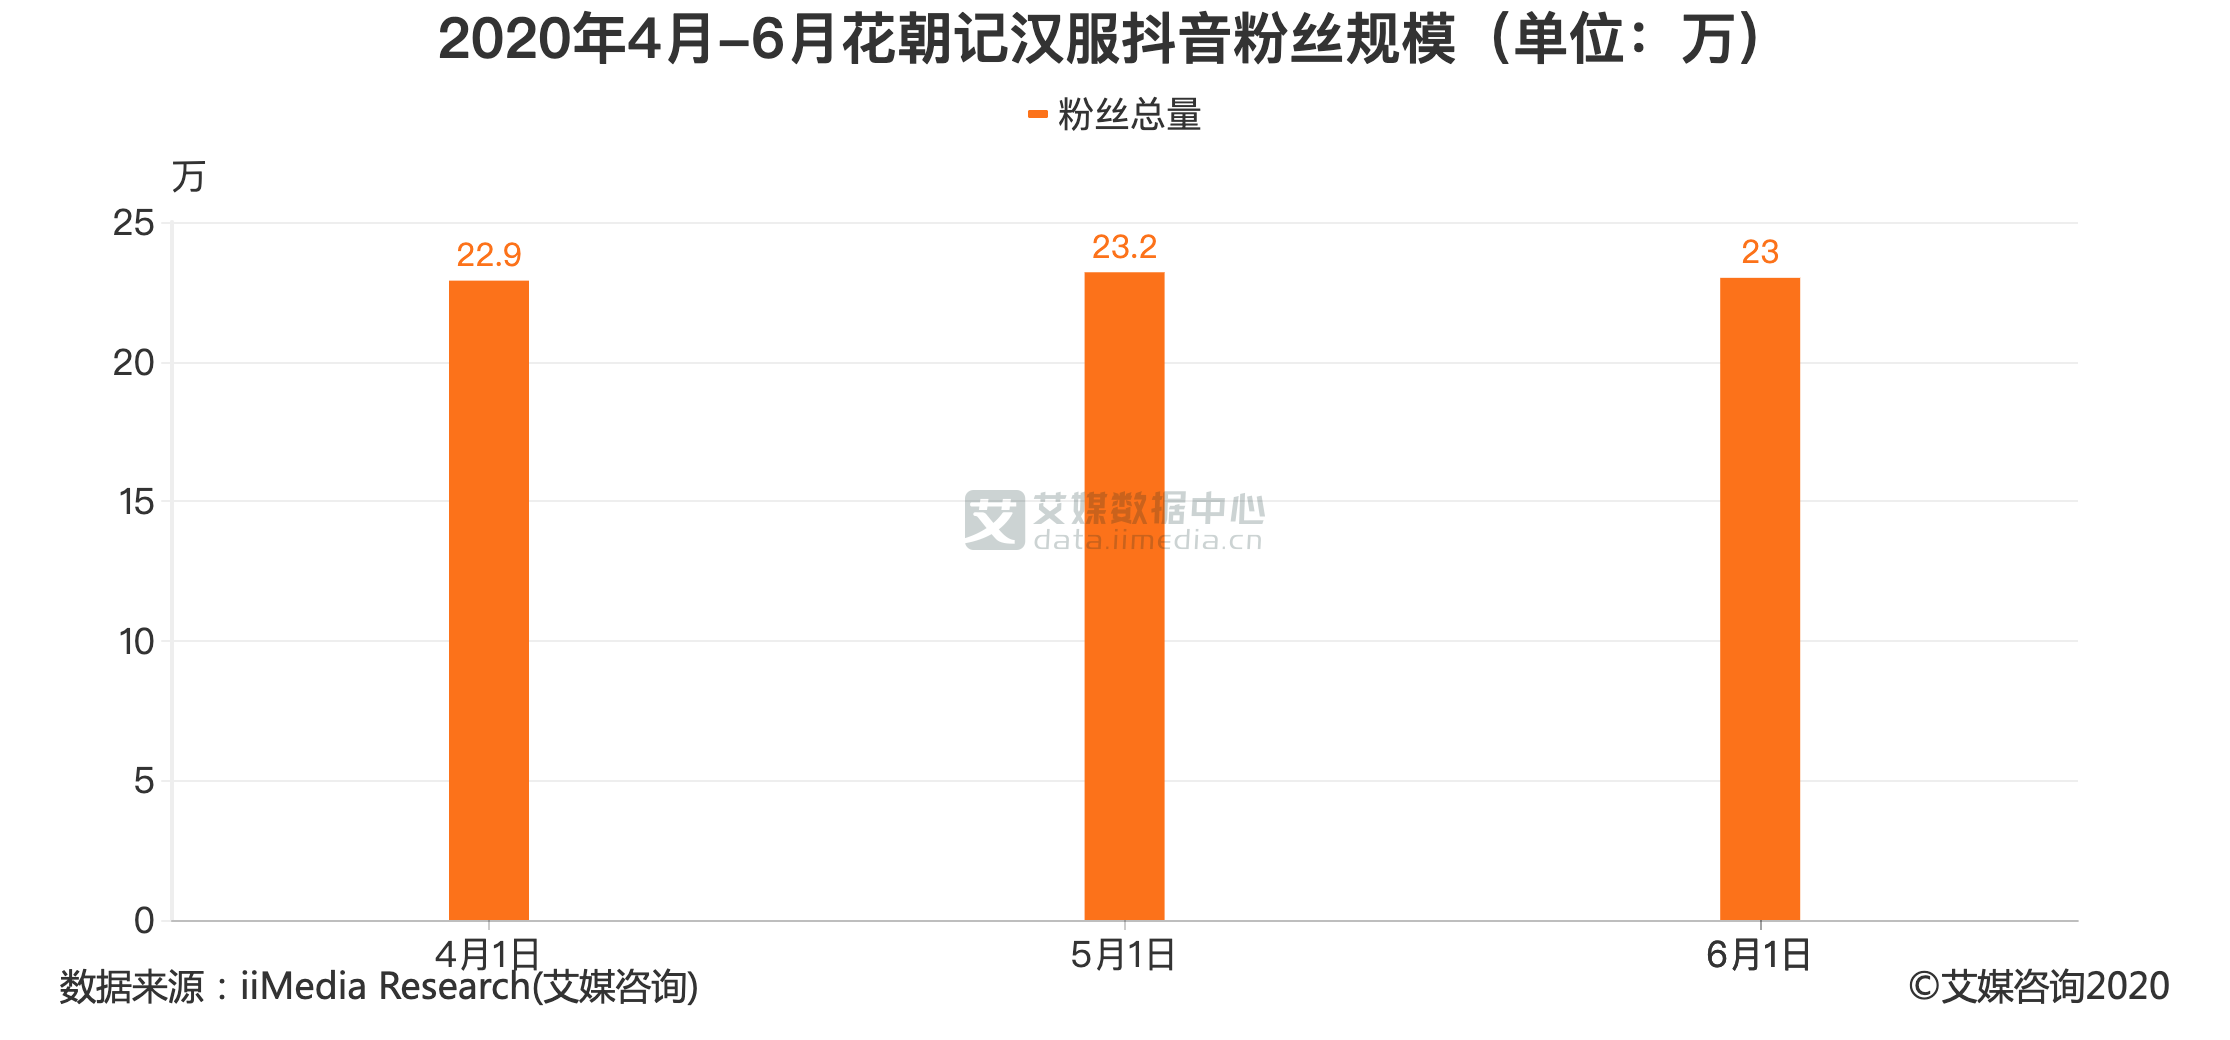 2020年4月-6月花朝记汉服抖音粉丝规模(单位:万)